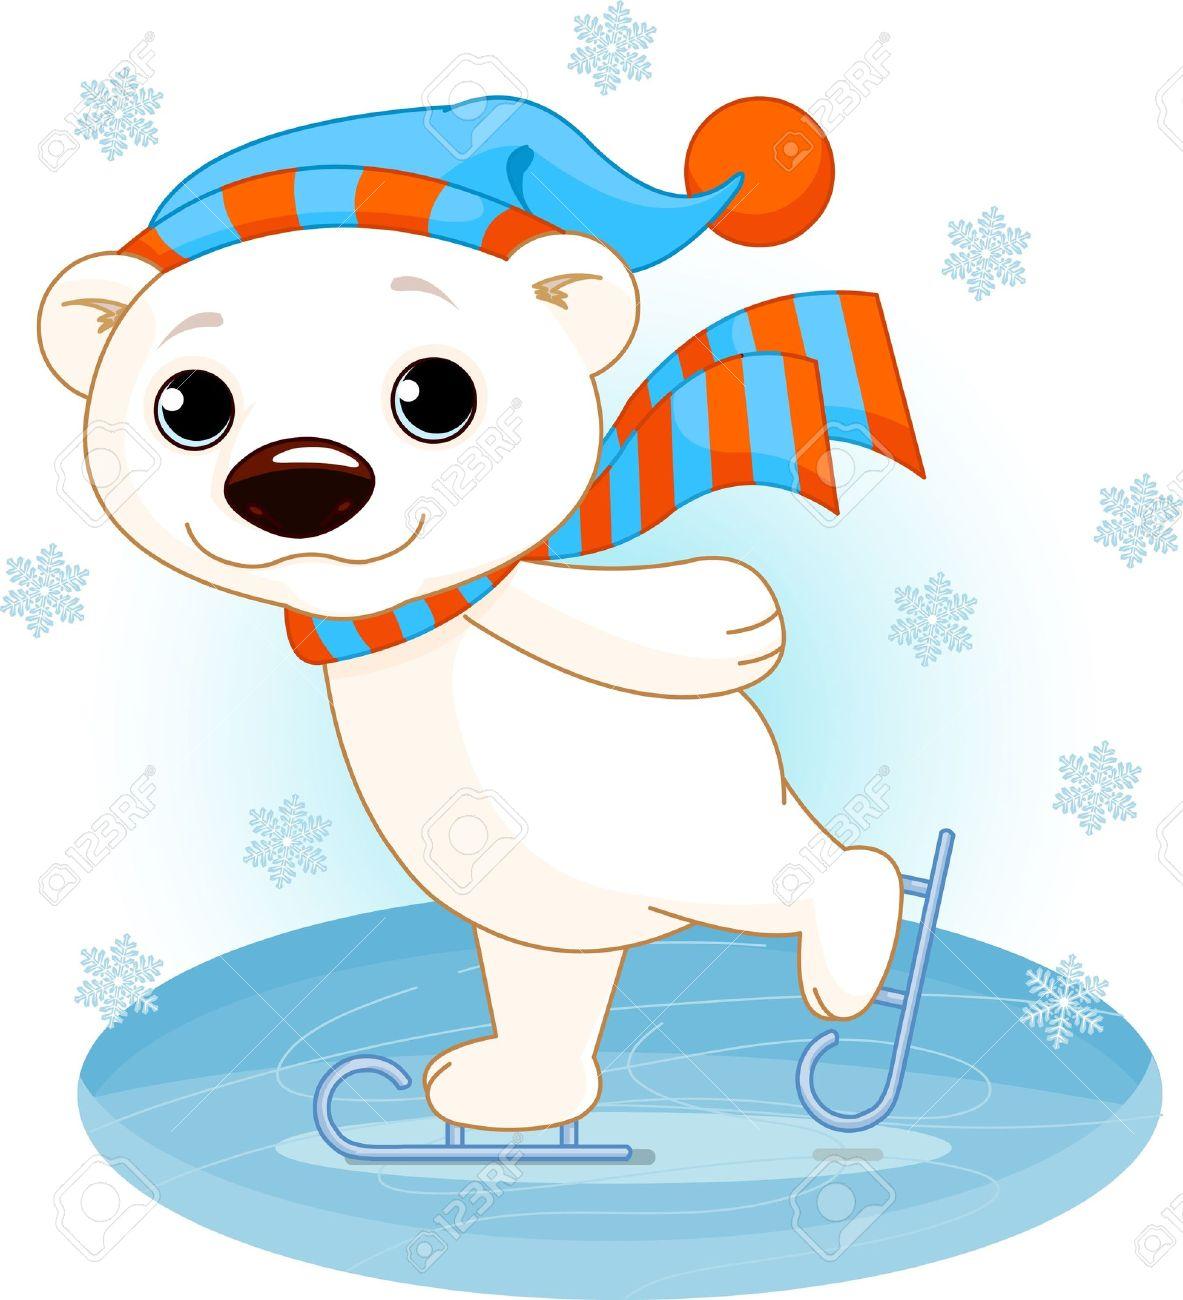 14 117 polar bear stock vector illustration and royalty free polar rh 123rf com free clipart images polar bear Polar Bear Plunge Clip Art